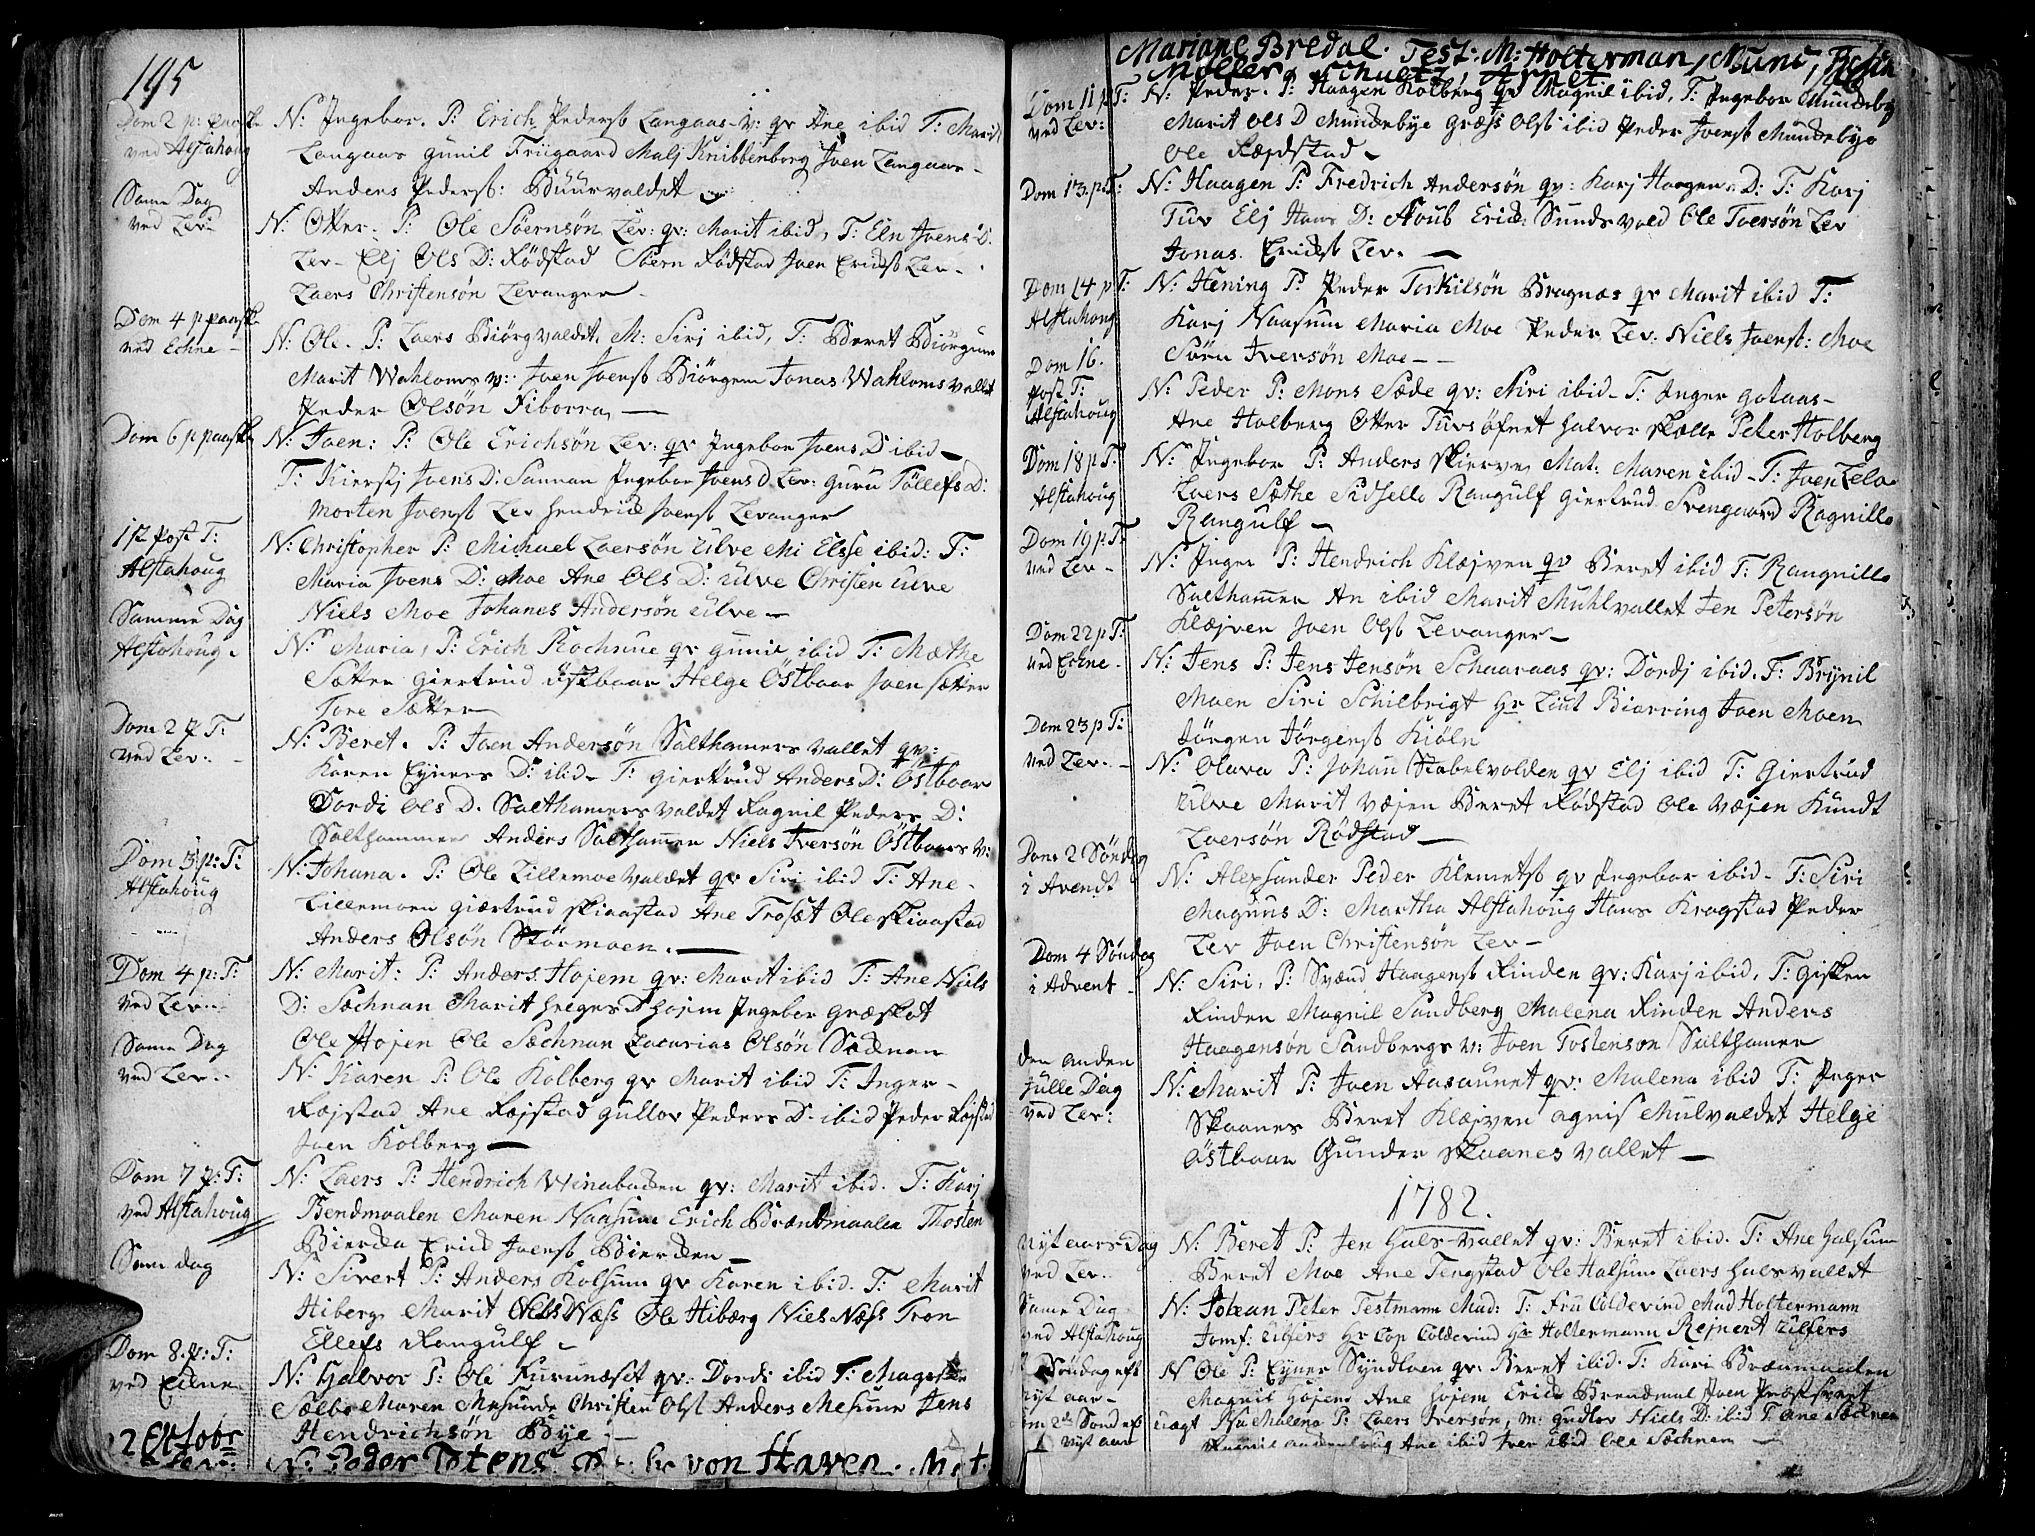 SAT, Ministerialprotokoller, klokkerbøker og fødselsregistre - Nord-Trøndelag, 717/L0141: Ministerialbok nr. 717A01, 1747-1803, s. 195-196